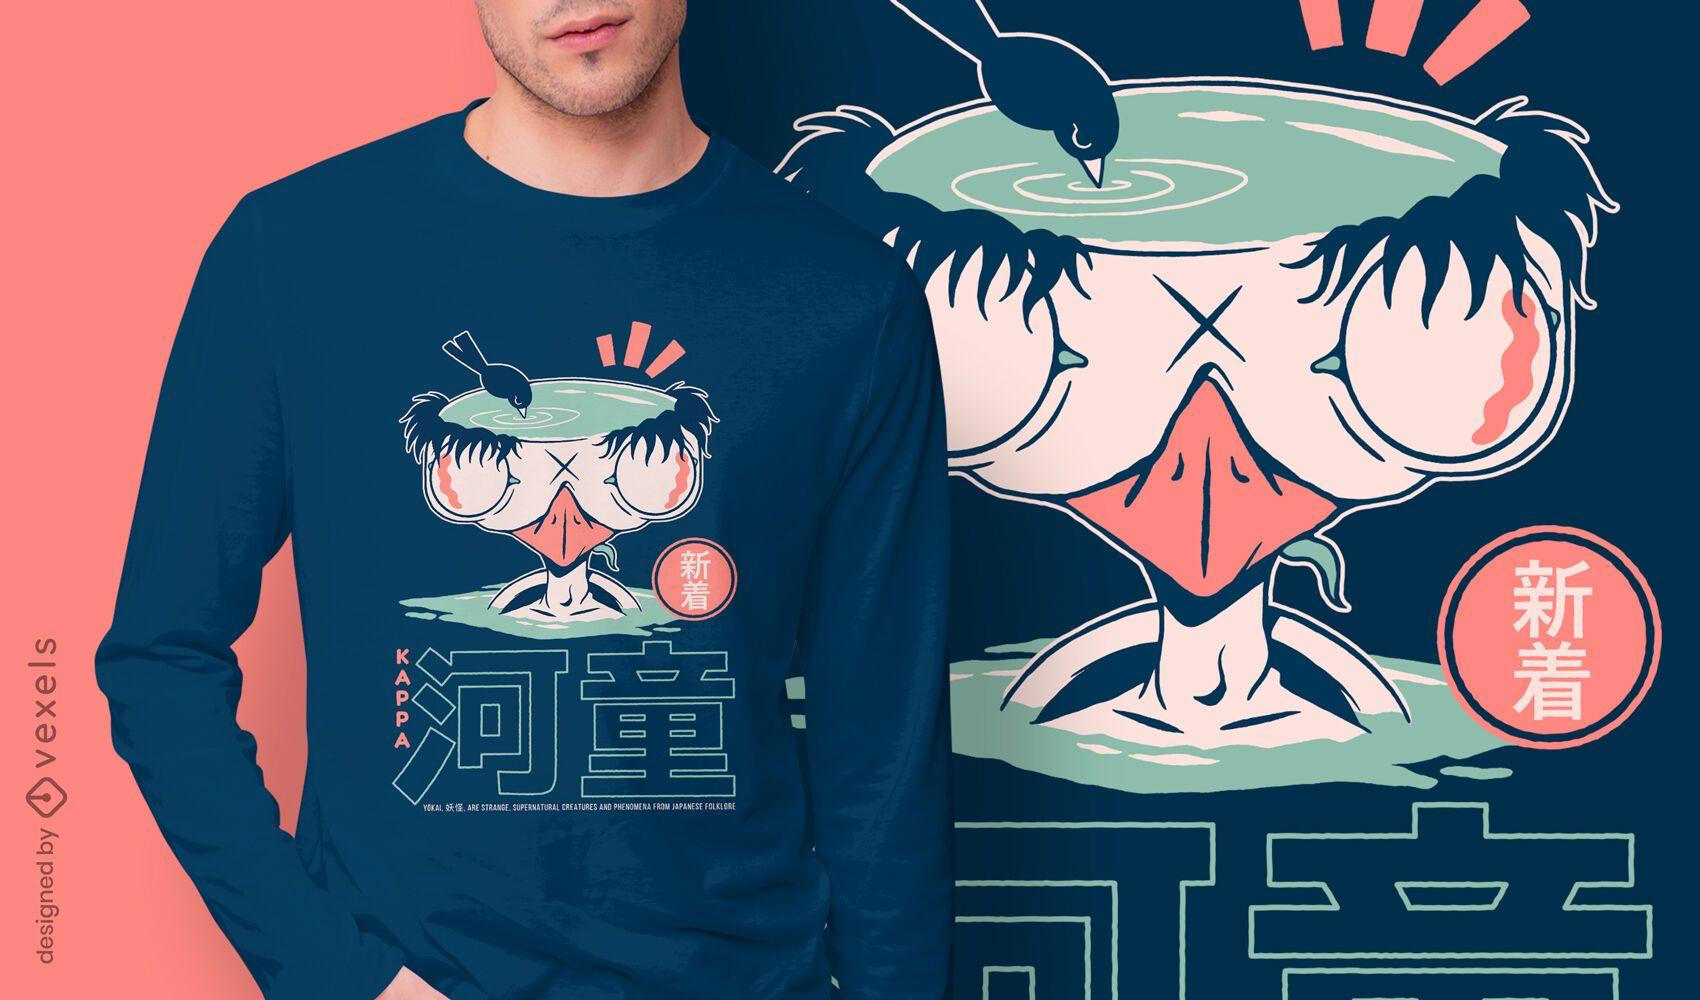 Kappa japanese yokai t-shirt design